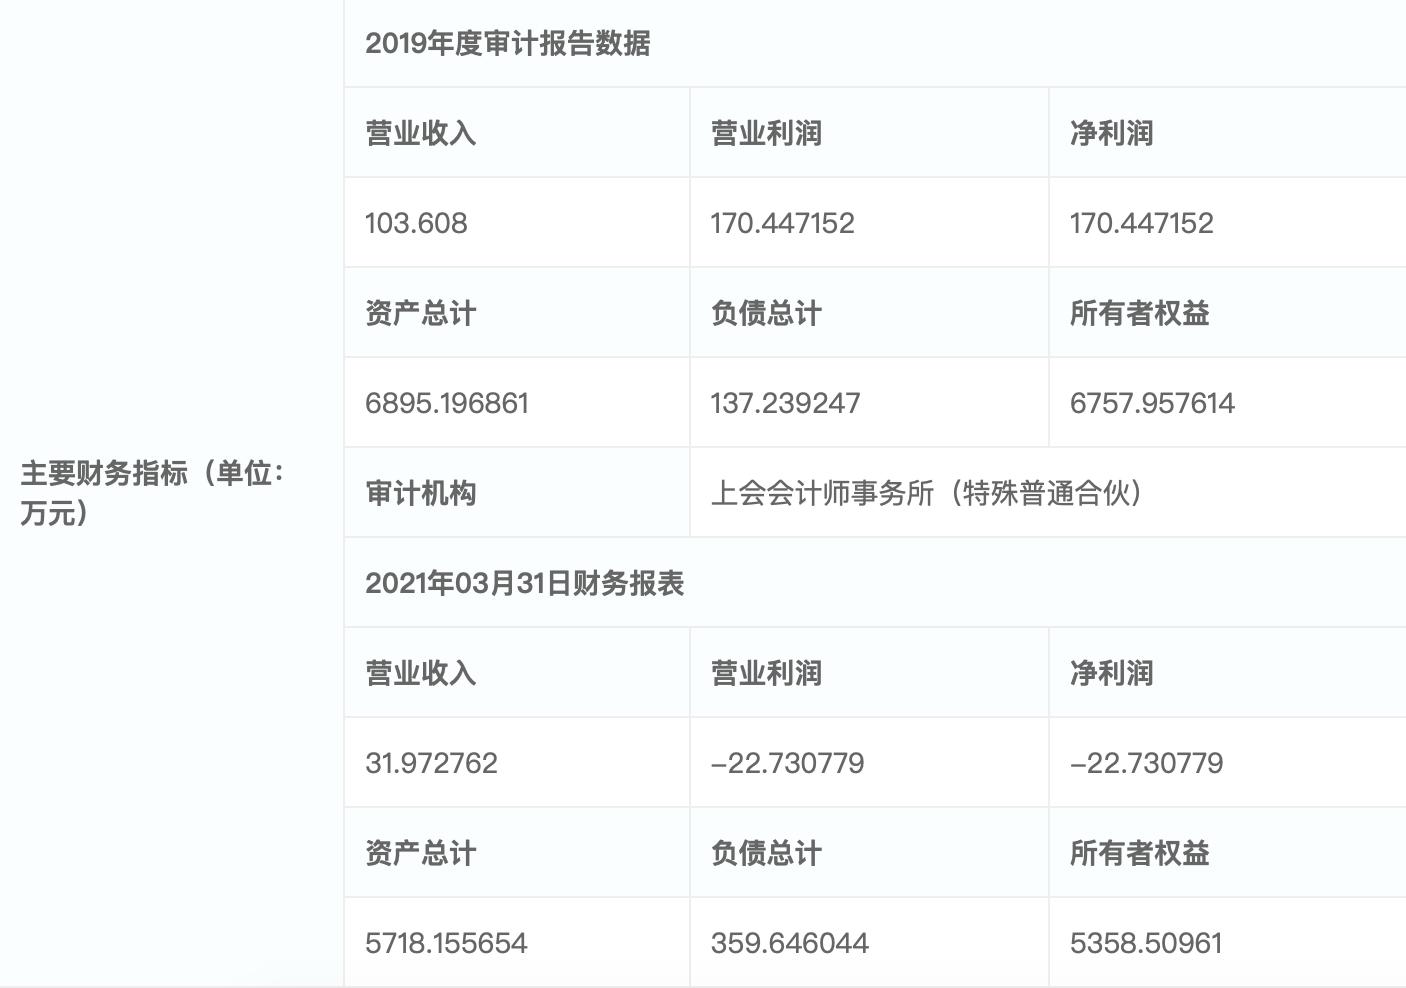 上实发展挂牌转让中天兴业房产100%股权 底价6510.34万元